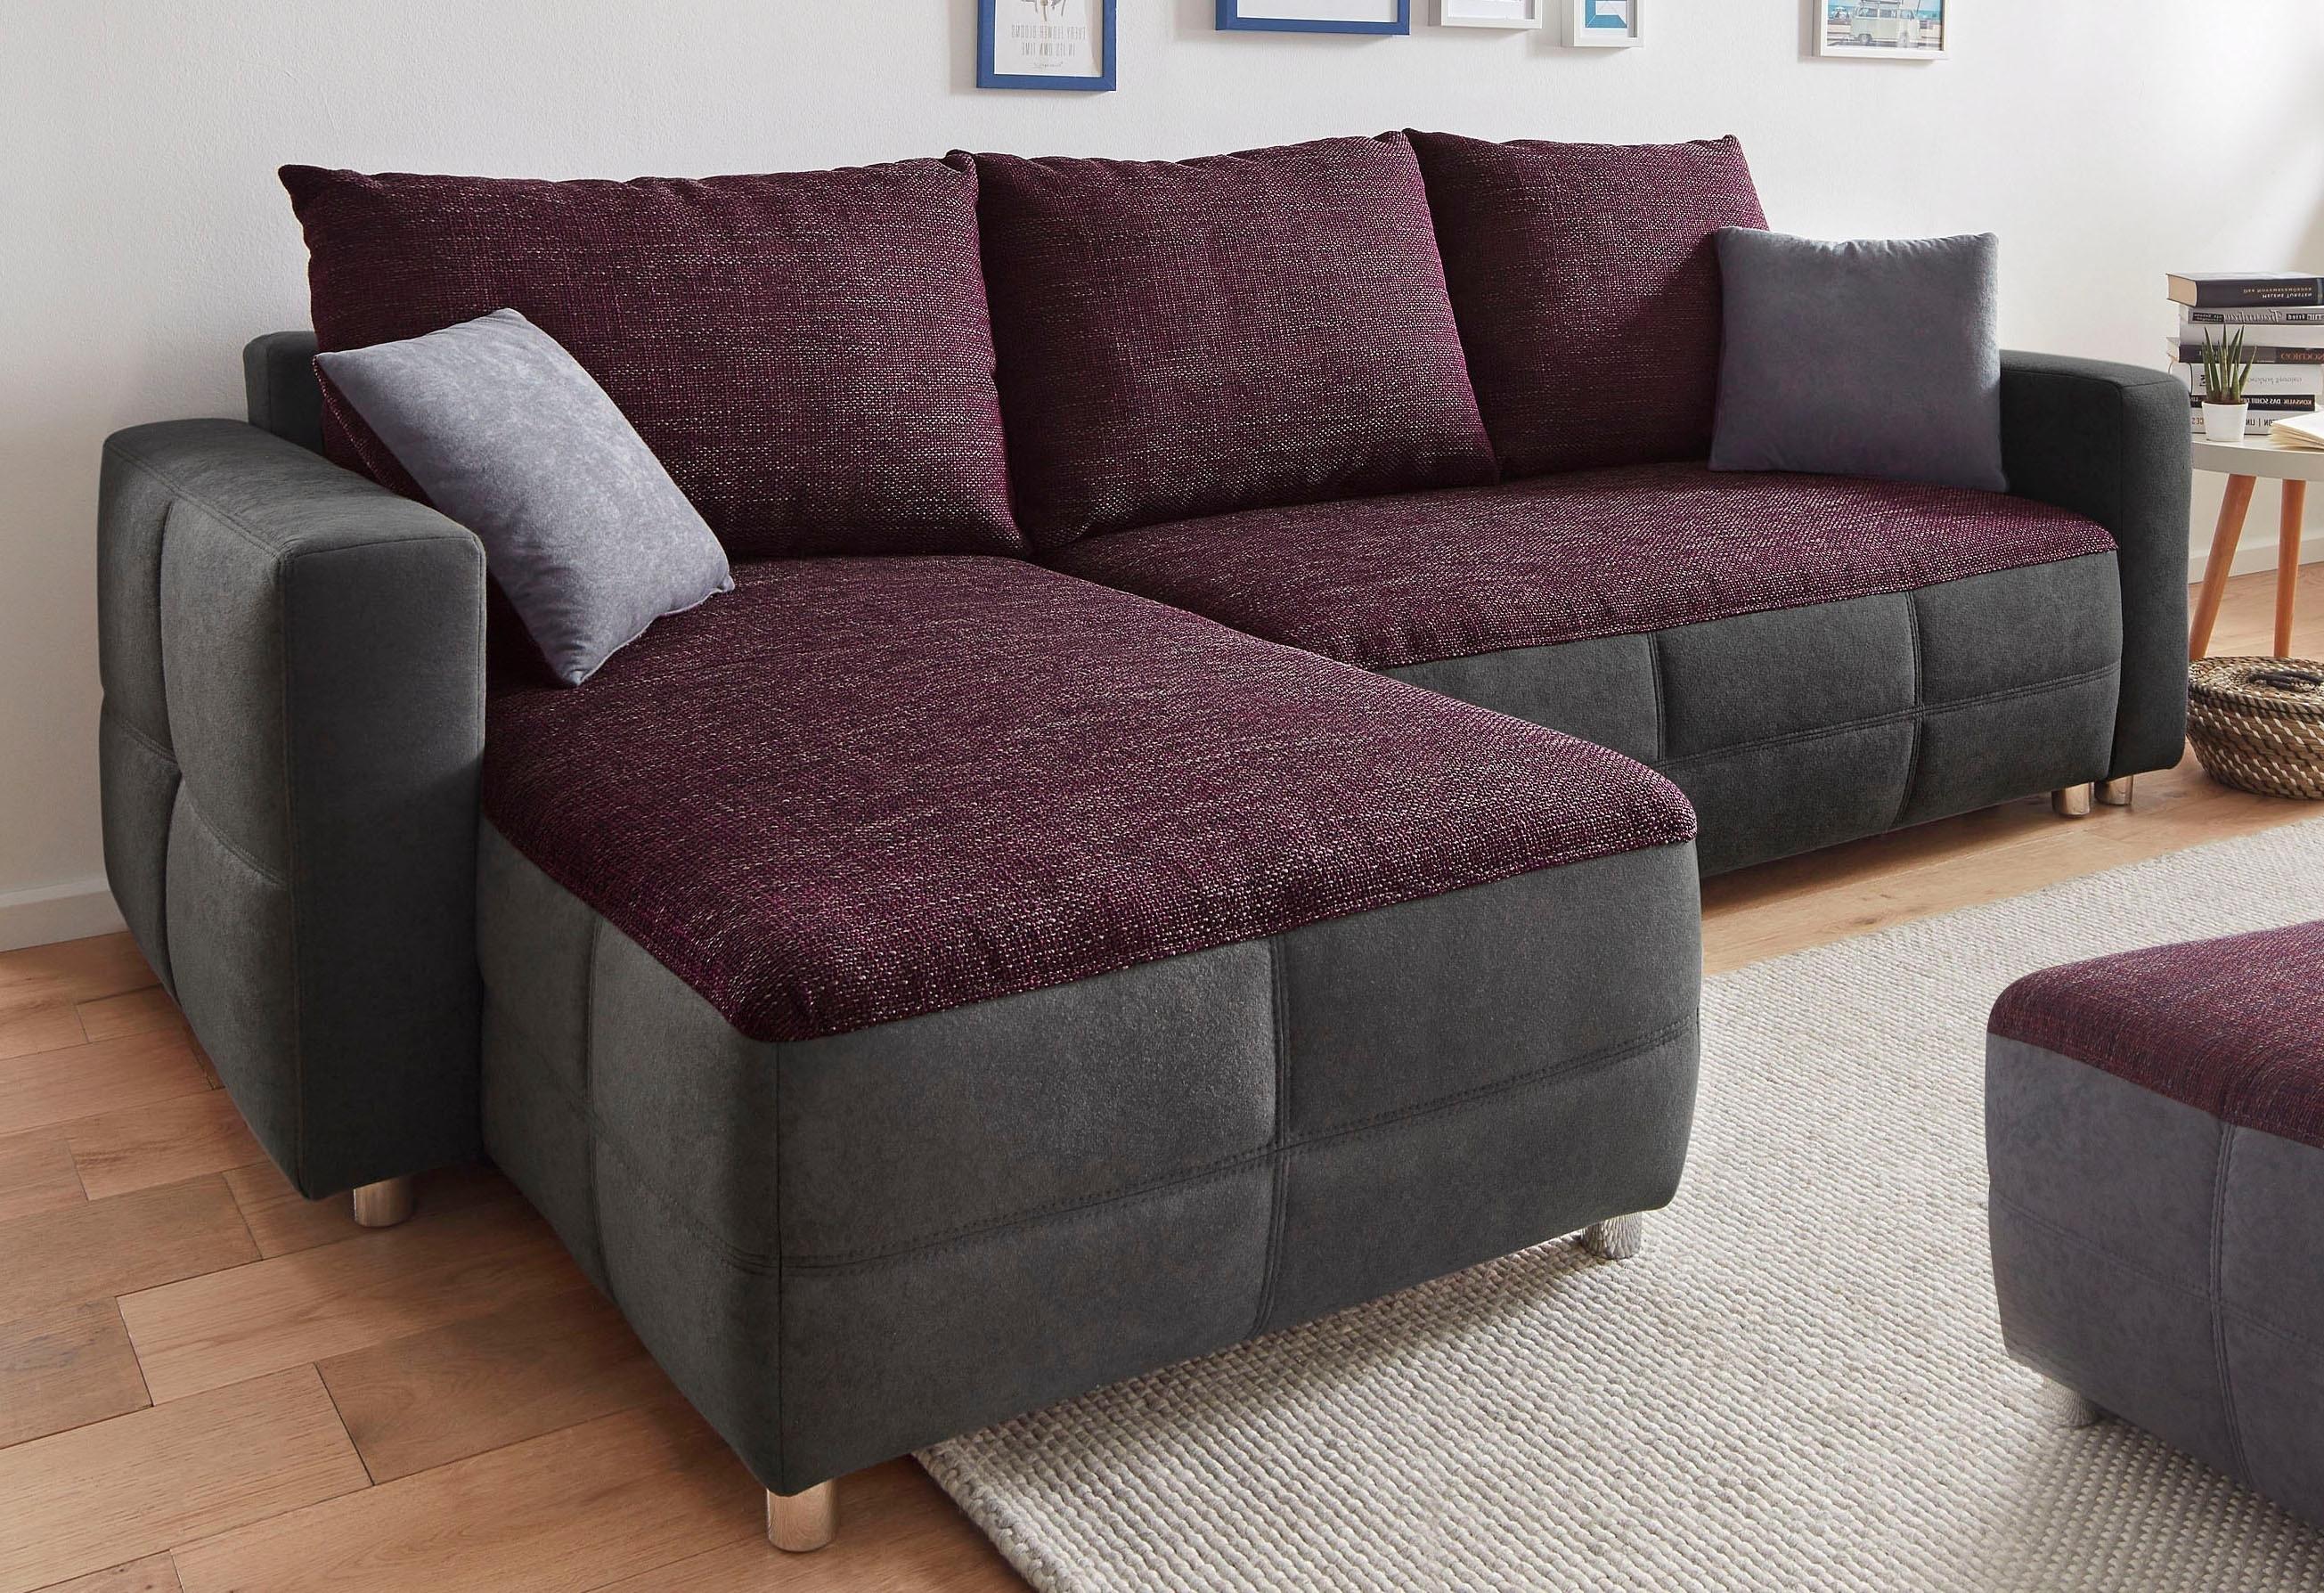 Op zoek naar een Raum.id SIT & MORE hoekbank met slaapfunctie en bedkist? Koop online bij OTTO